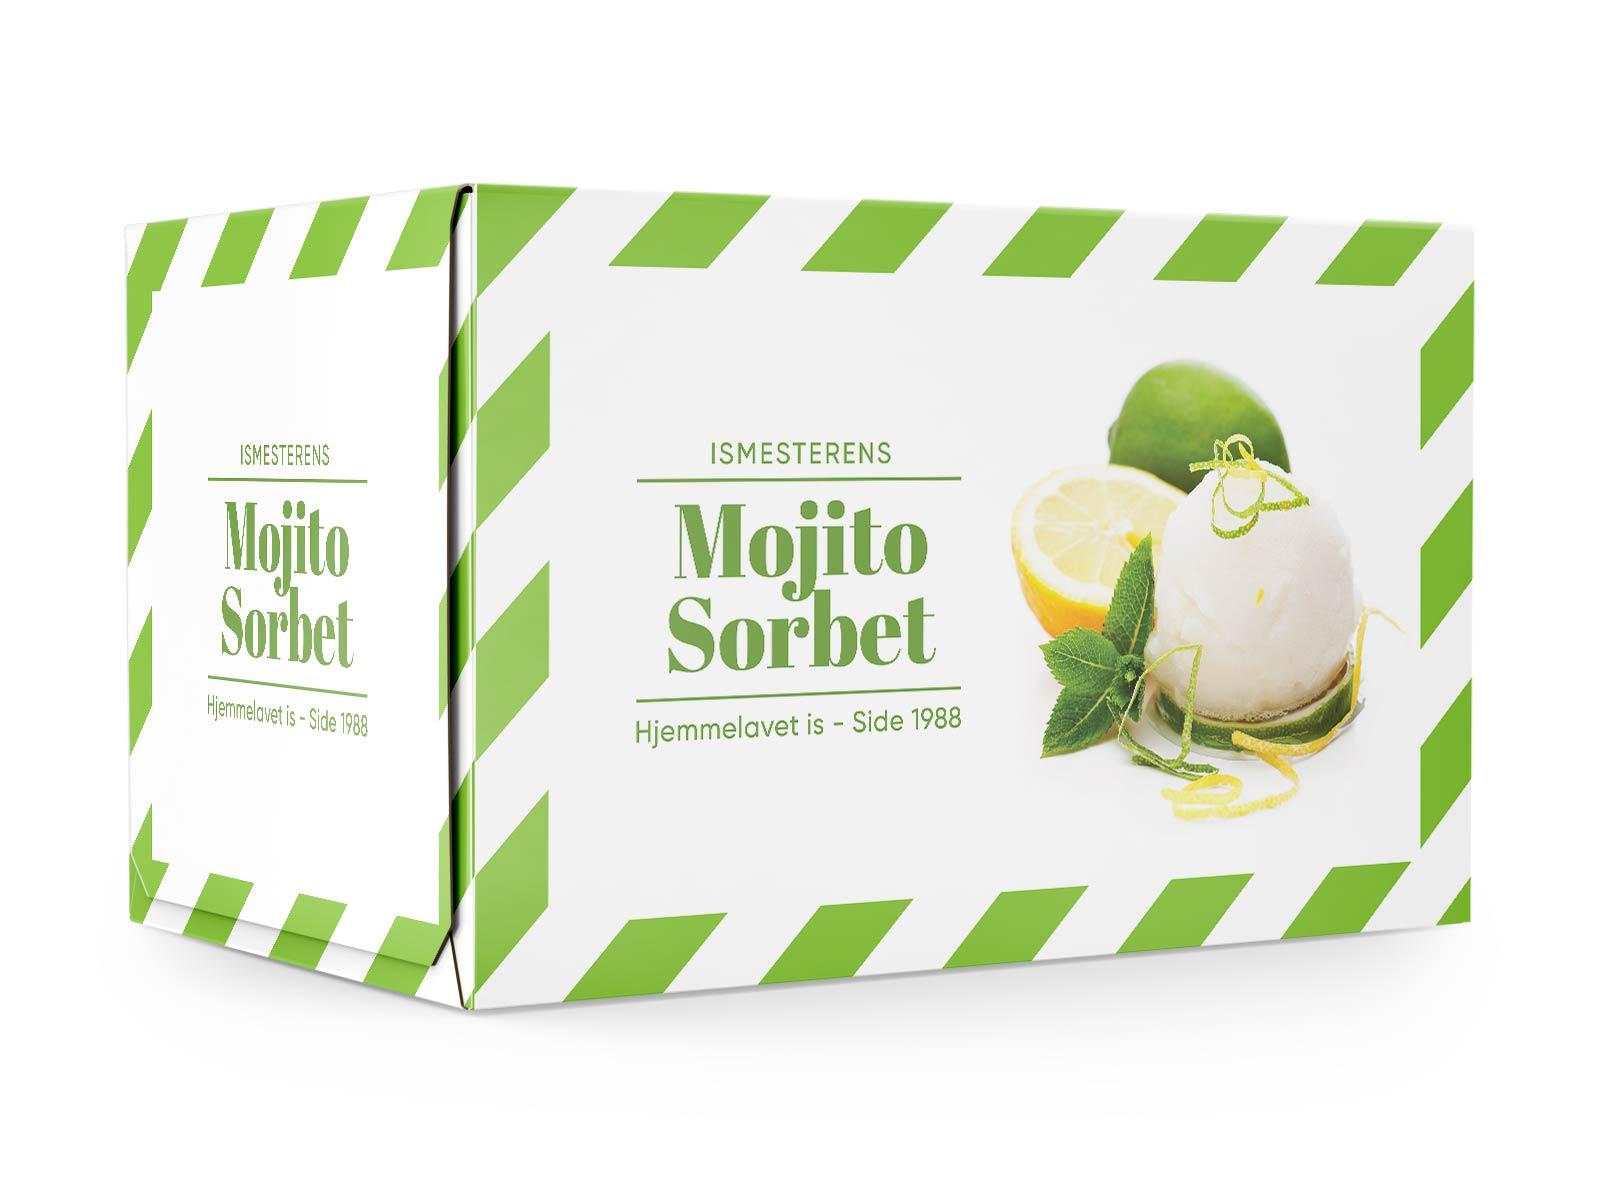 Ismesteren packaging design